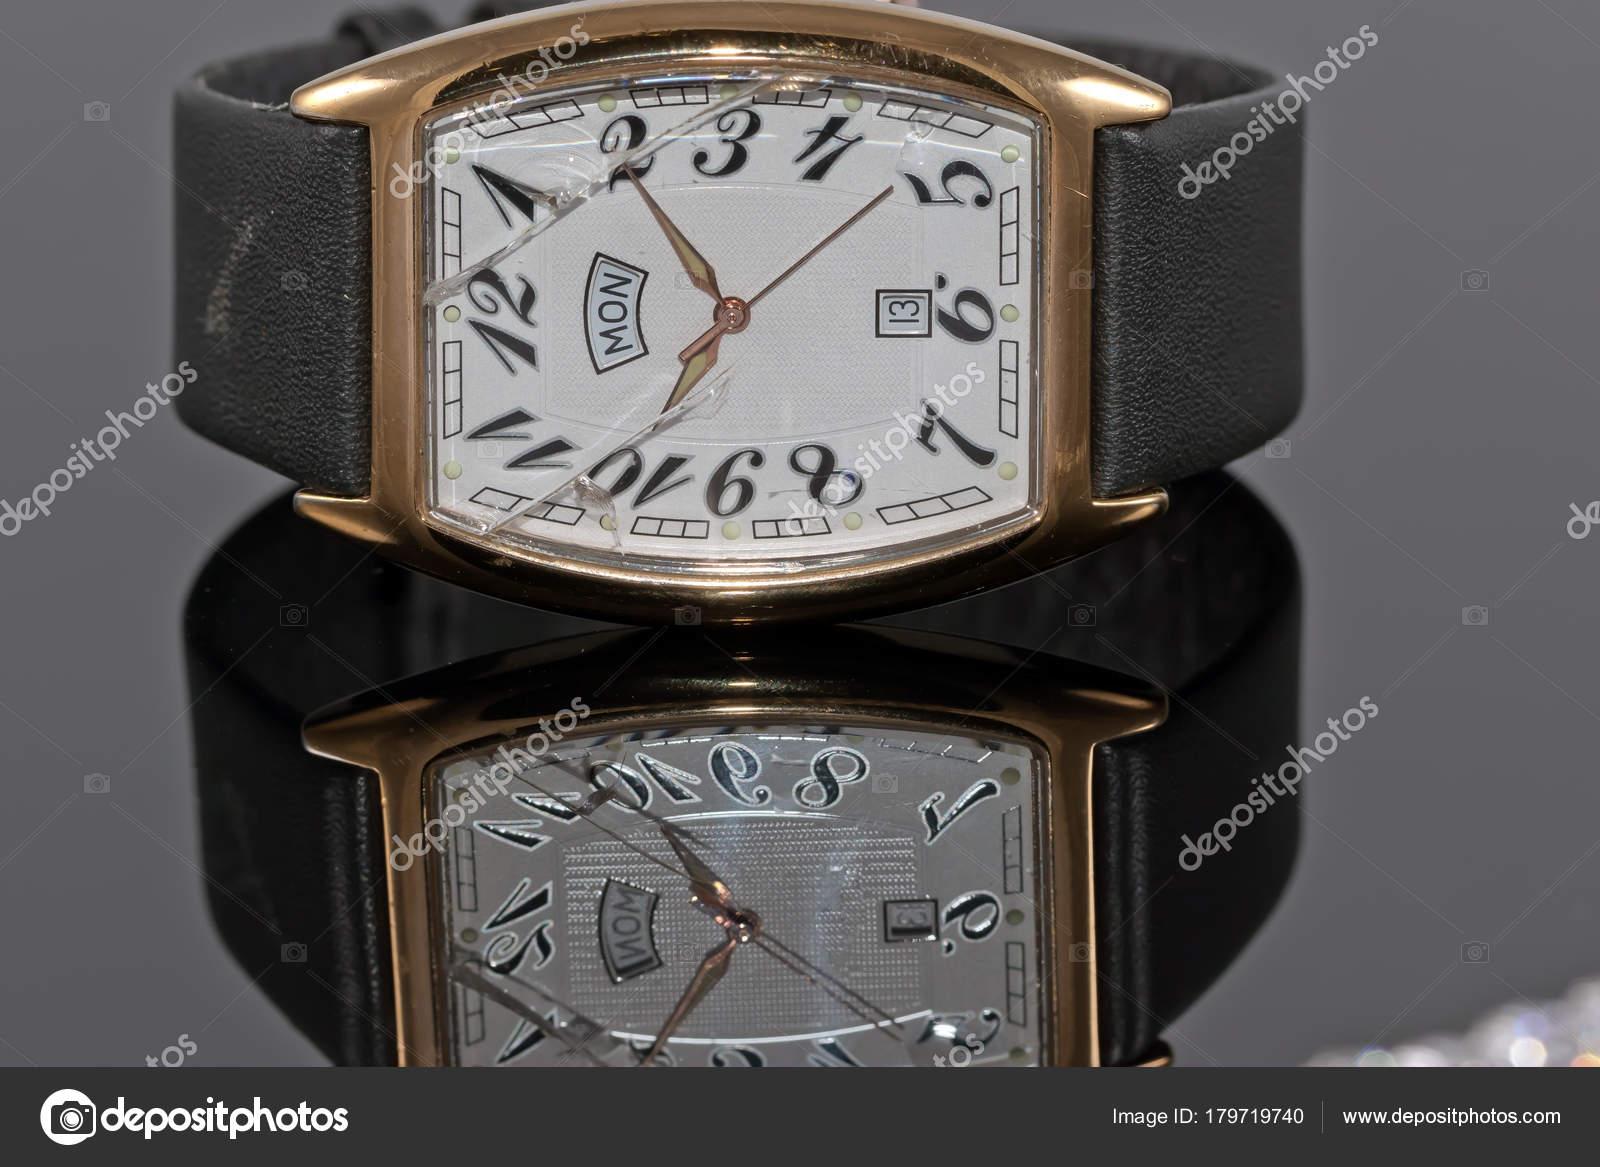 Κομψό Ανδρικό ρολόι σε χρυσό με δερμάτινο λουράκι και θραύσματα ... 6372e8a5558